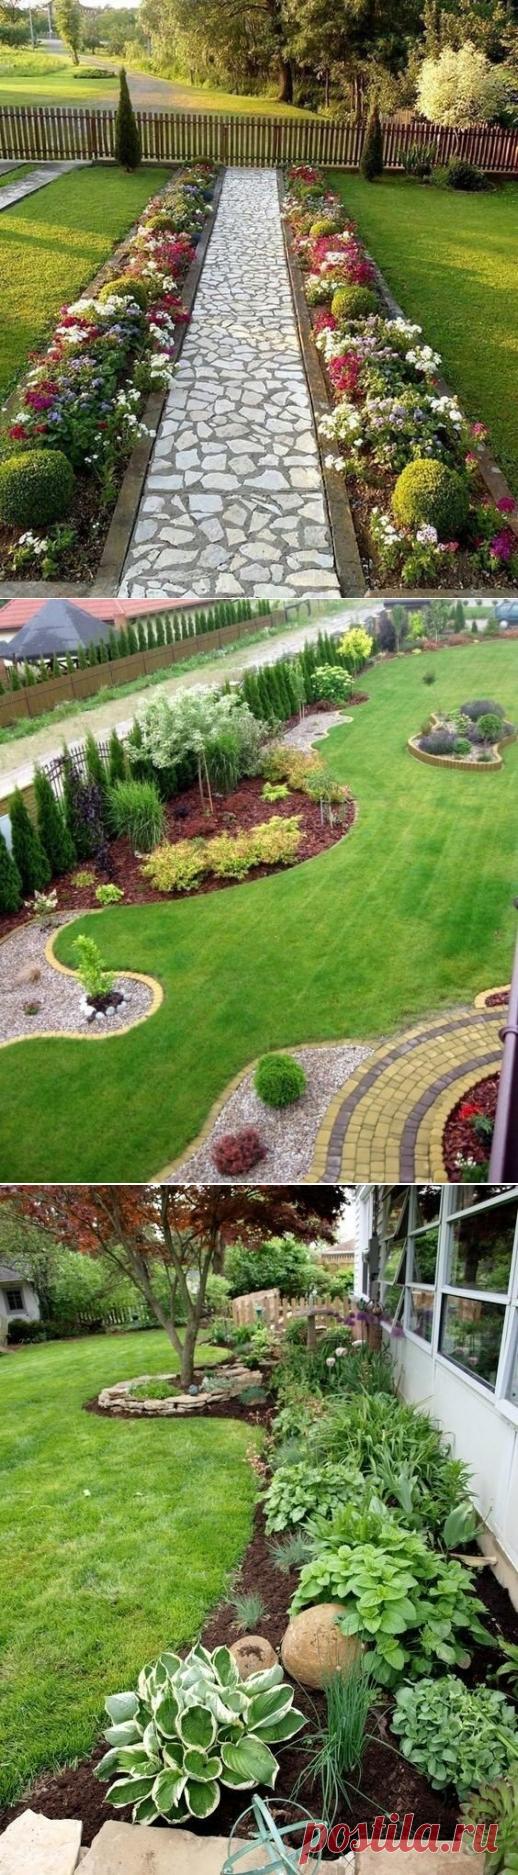 Интересные идеи вариантов красивого озеленения сада